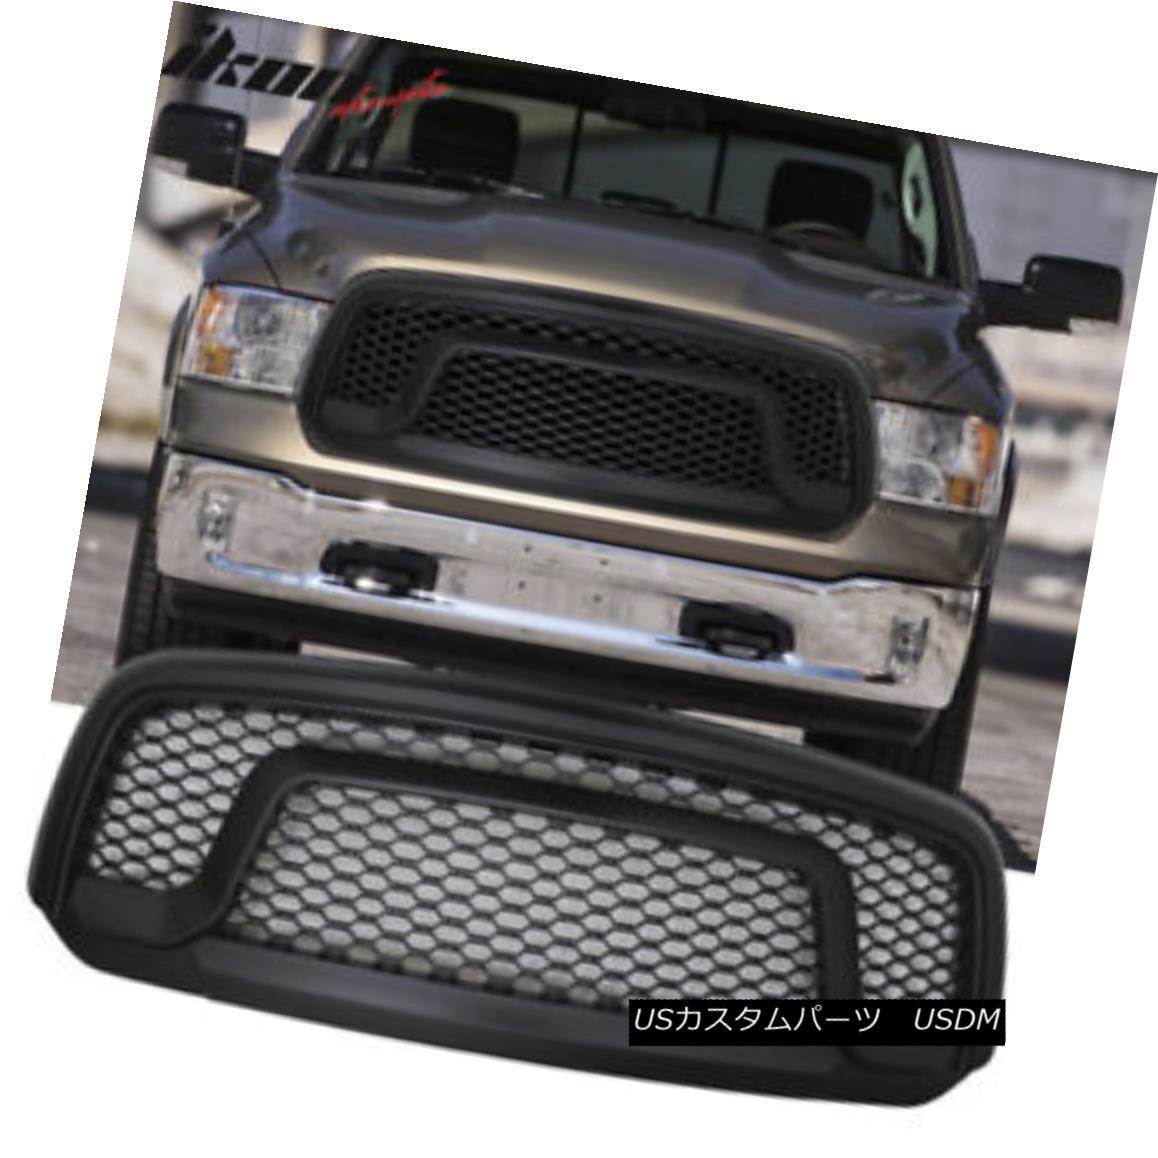 グリル Fits 13-18 Dodge Ram 1500 R Style Mesh Honycomb Grill Grille Black フィット13-18ダッジラム1500 Rスタイルメッシュハニカムグリルグリルブラック